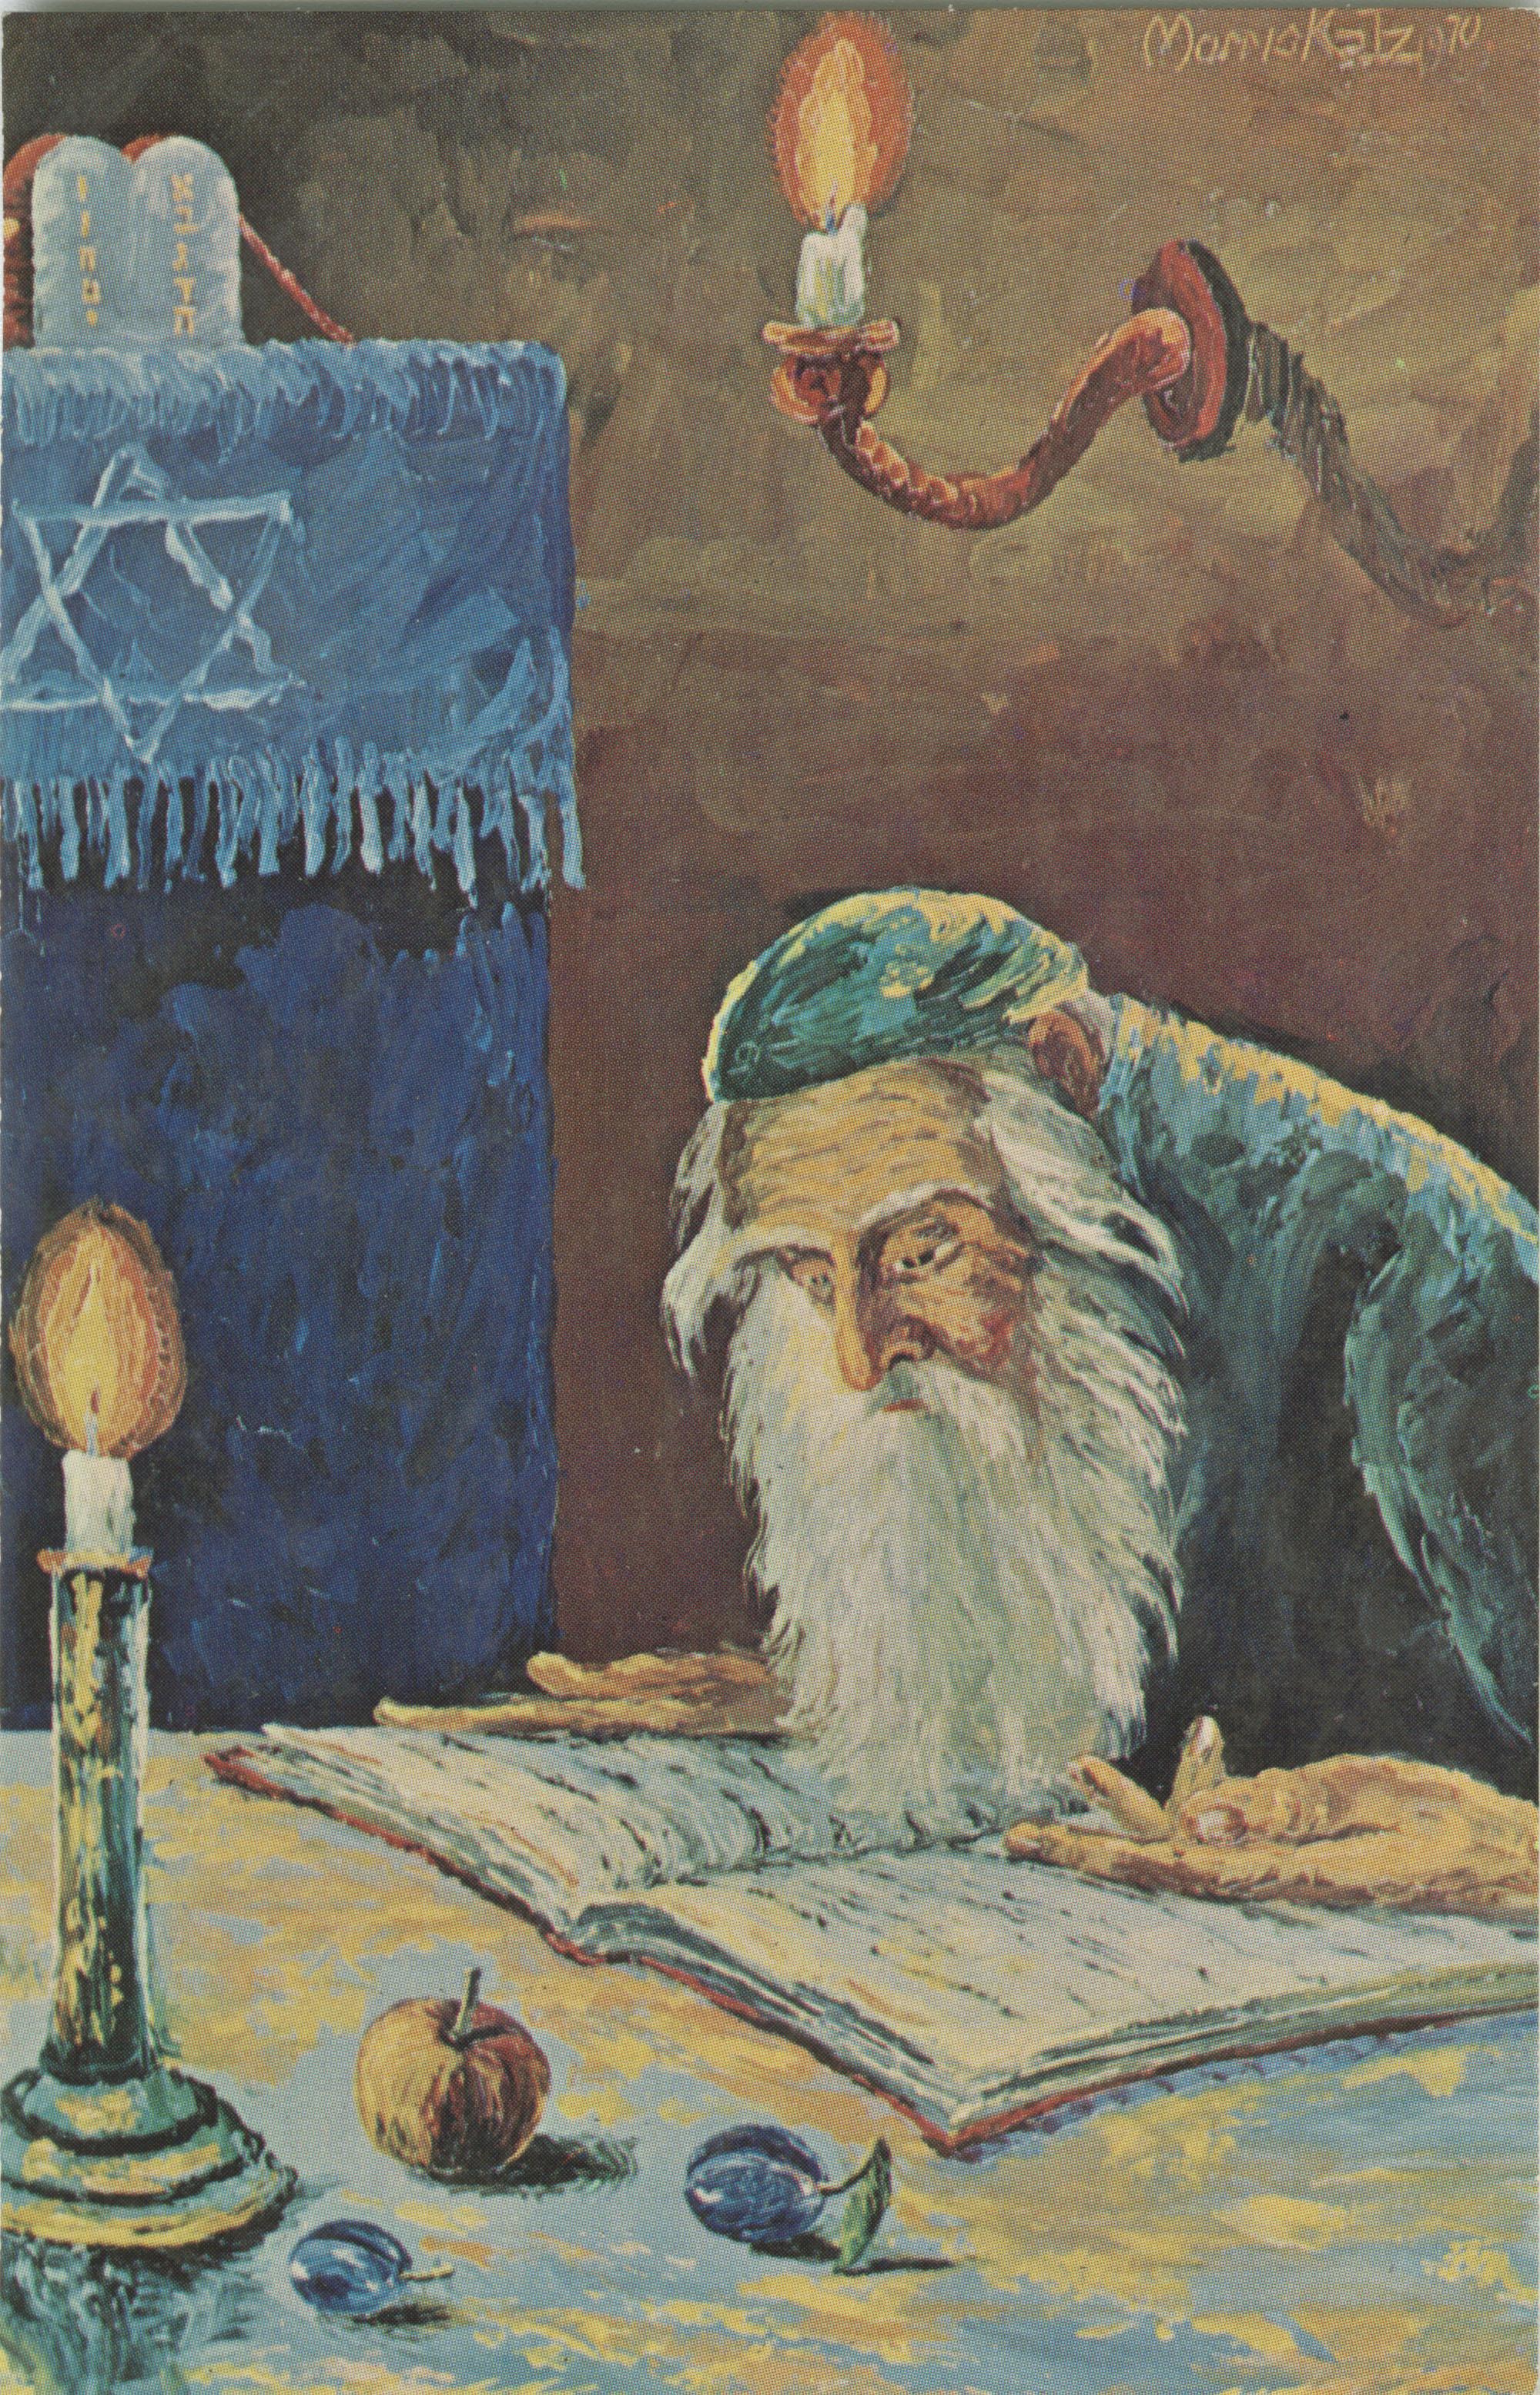 A Talmud Chachum